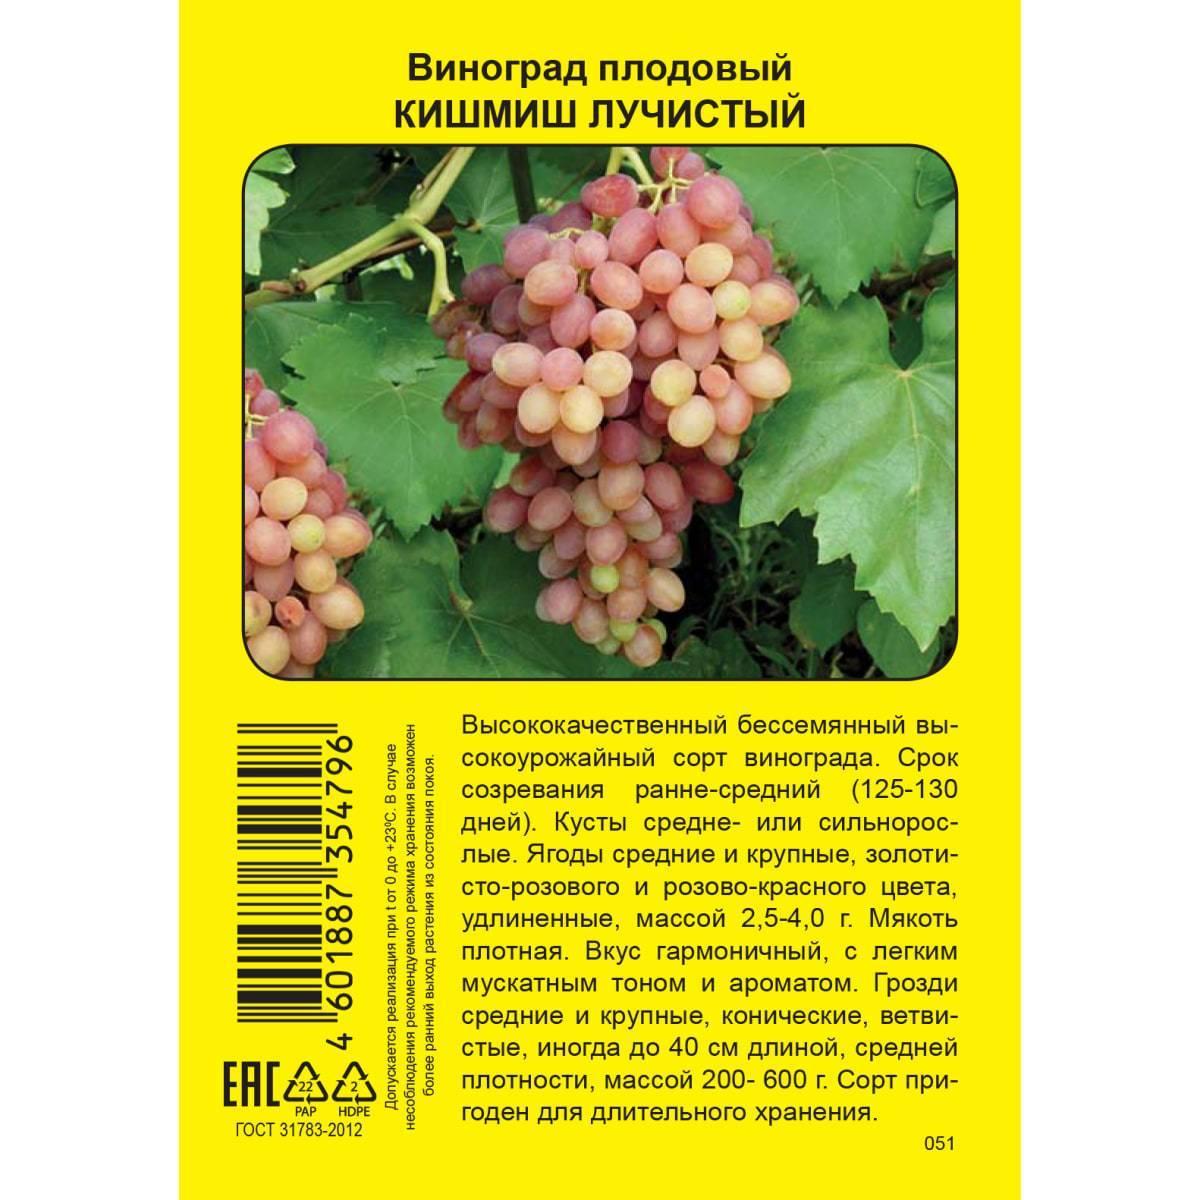 Ростовская область (виноградарство)